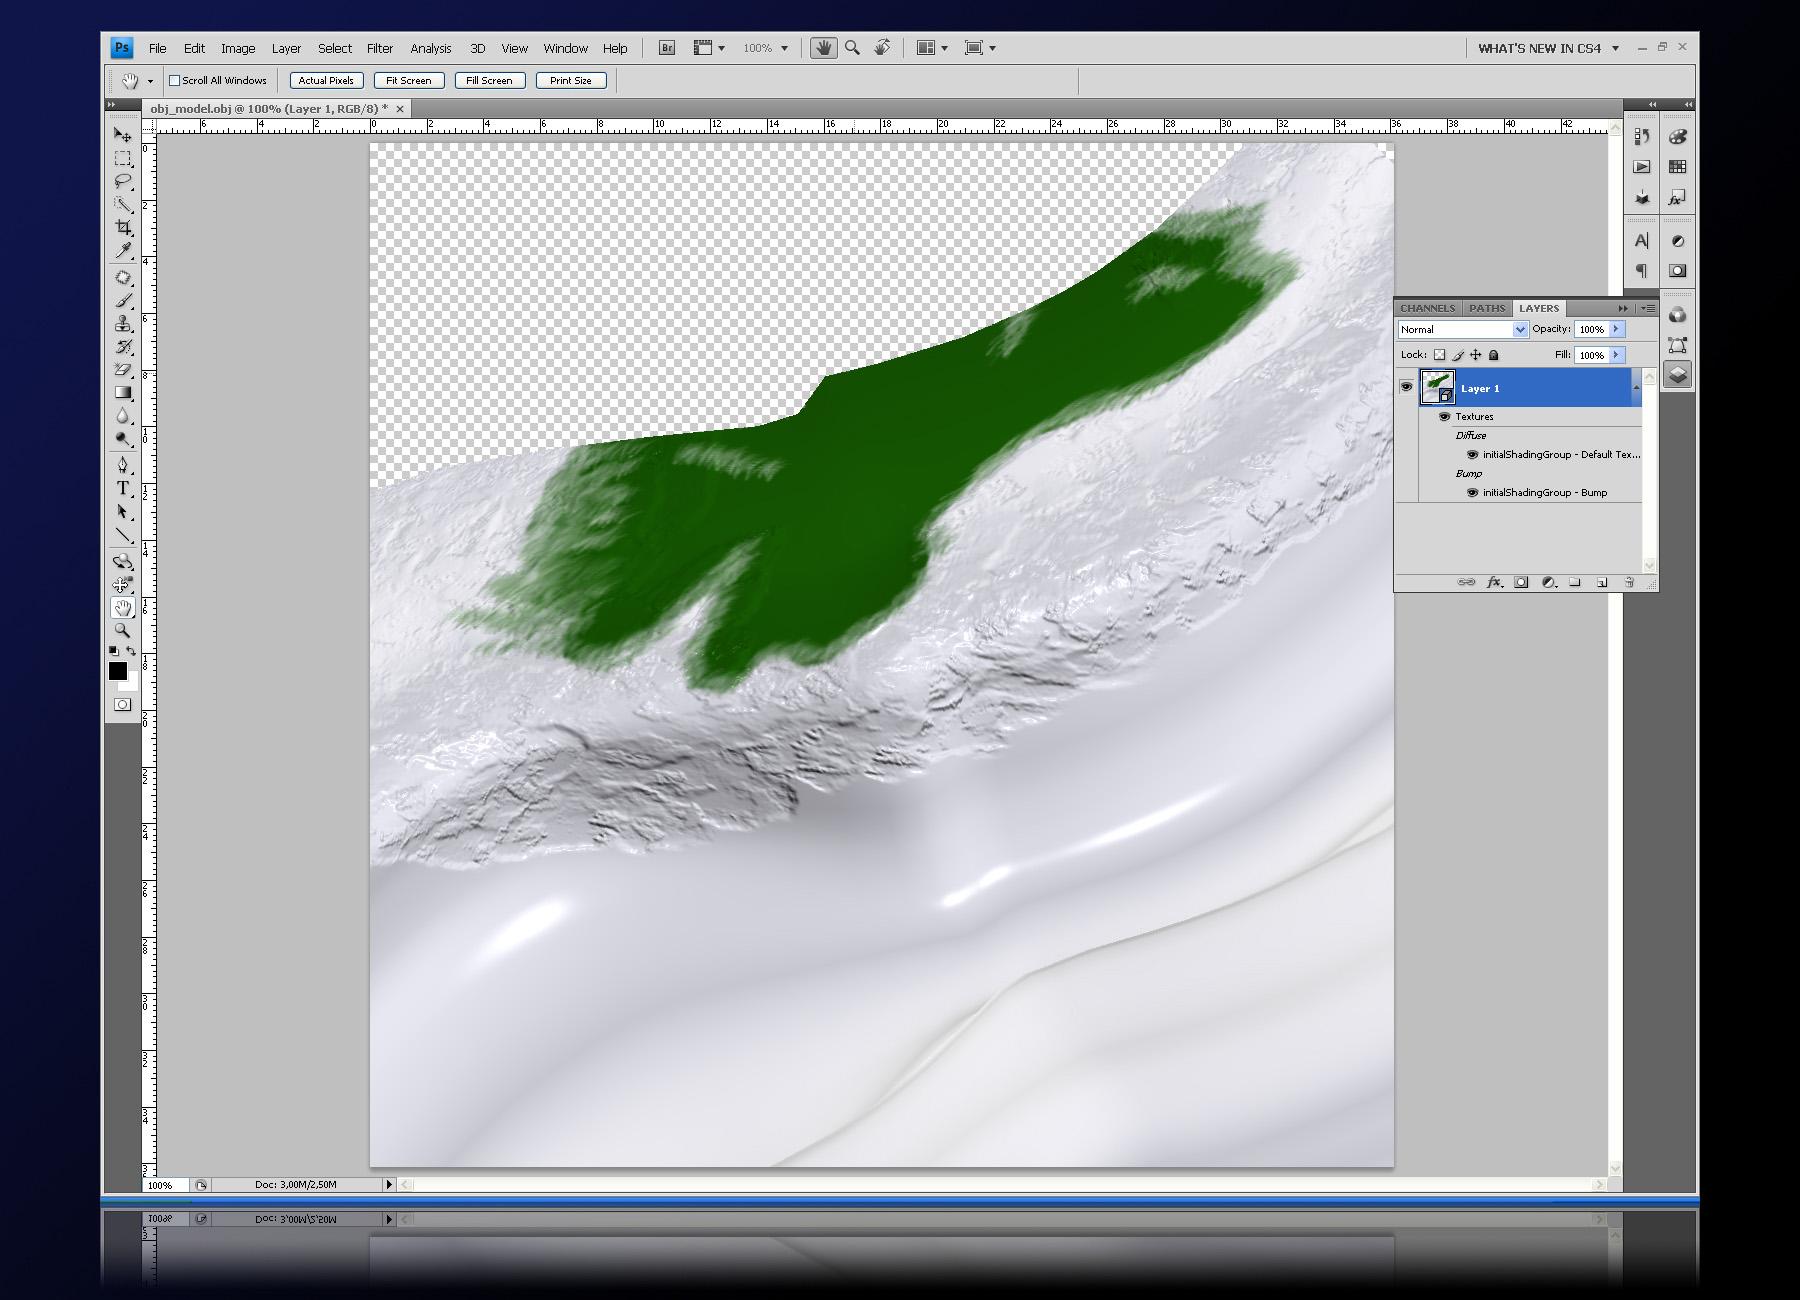 Как развернуть лист в фотошопе